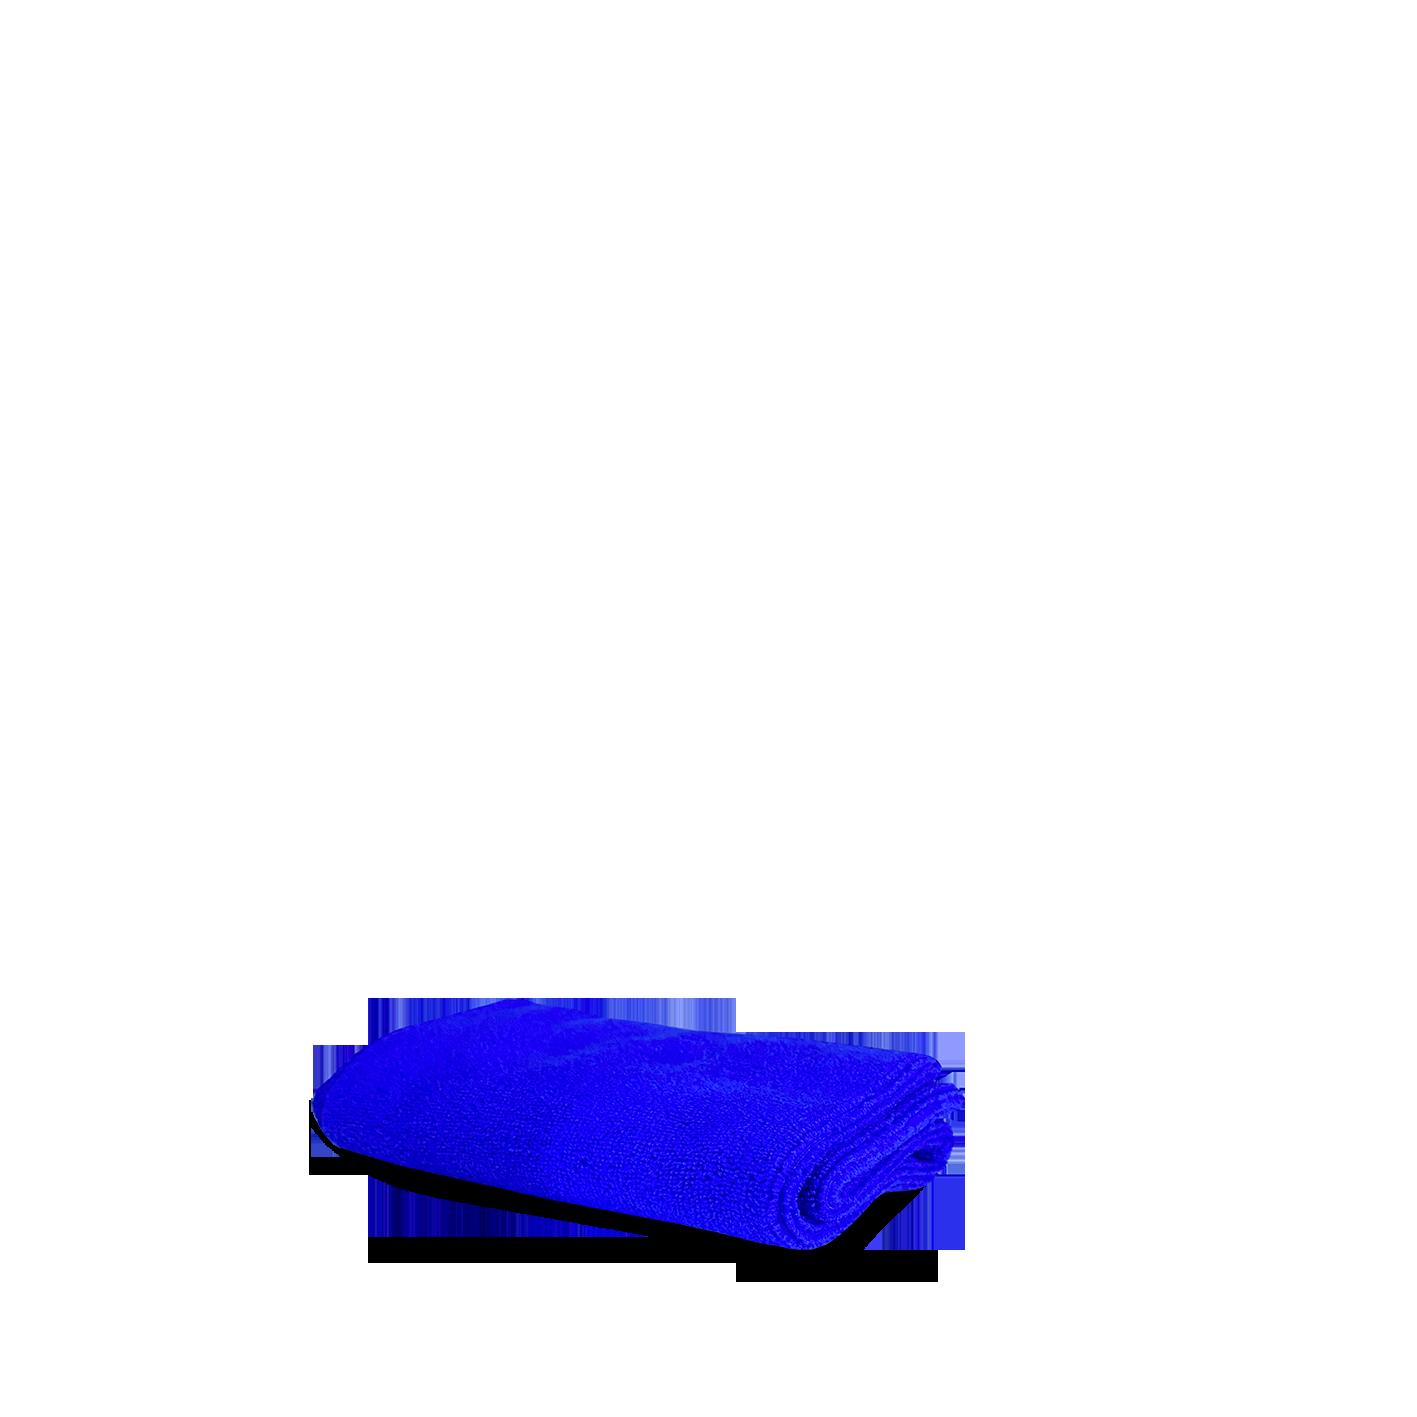 STARK Sredstvo za čišćenje LCD-LED ekrana 500ml + krpica 30cm X 30cm (Slika 3)